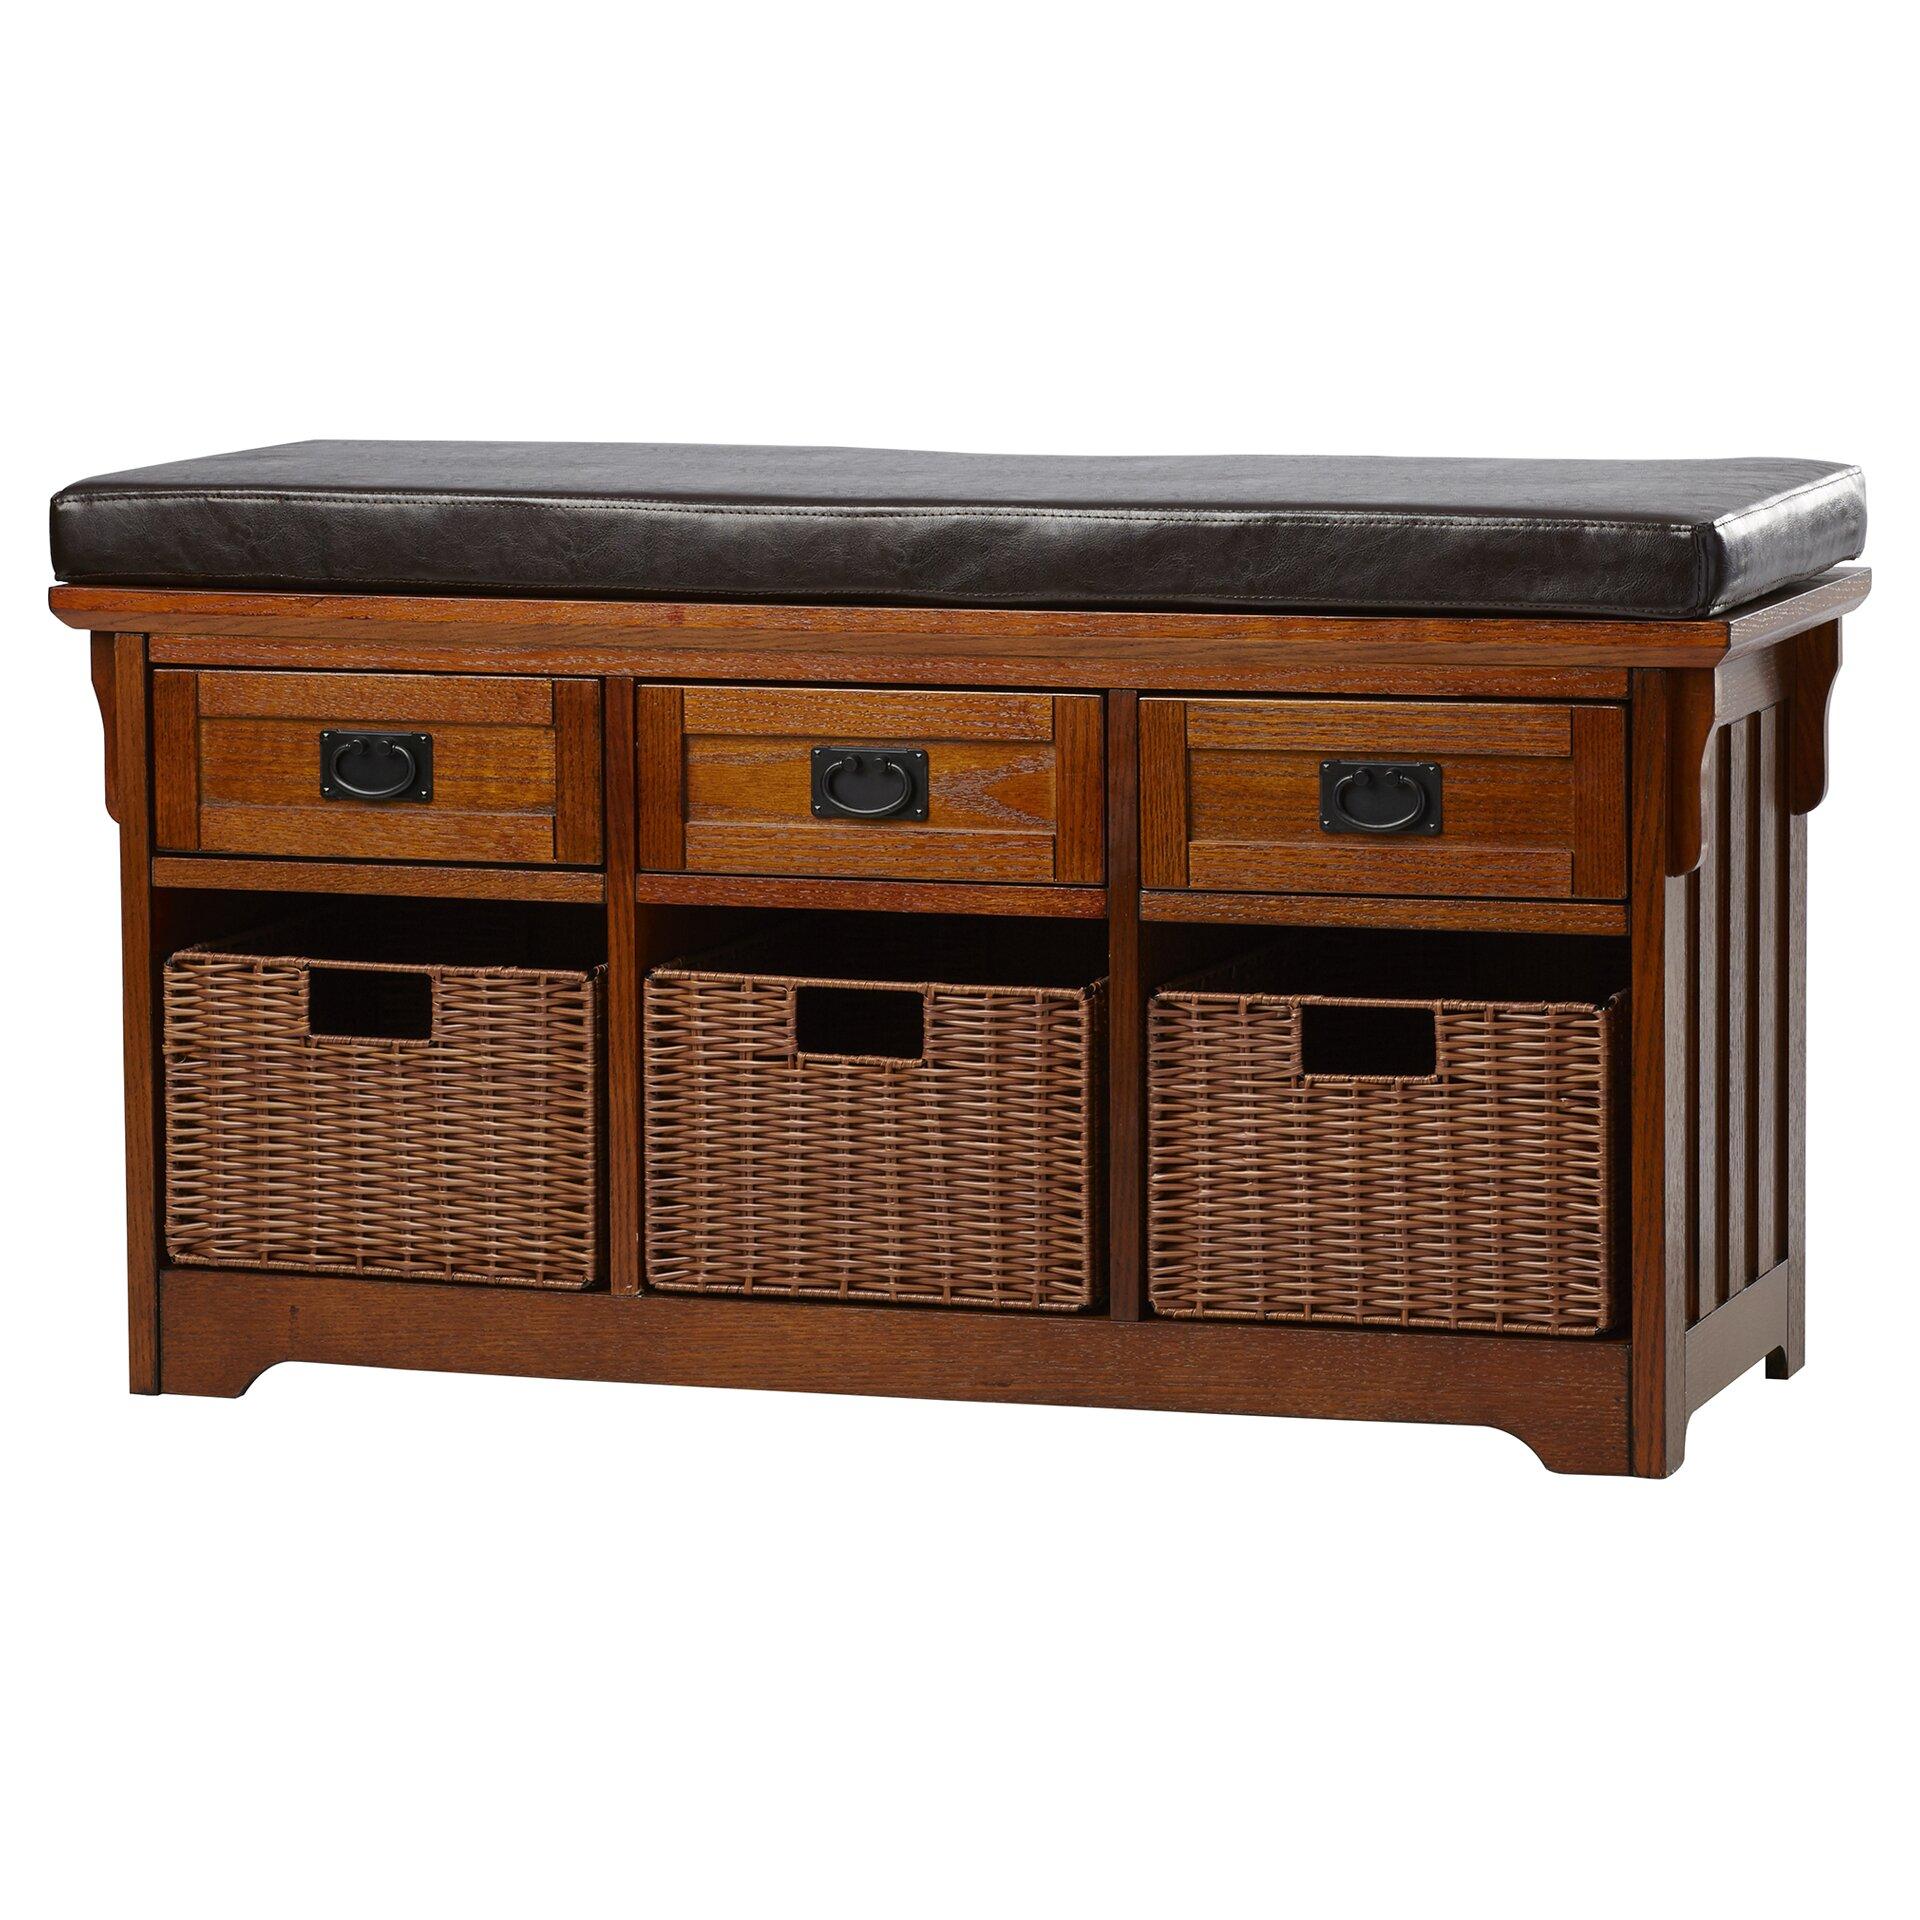 Loon Peak Hemlock Wooden Entryway Storage Bench Reviews